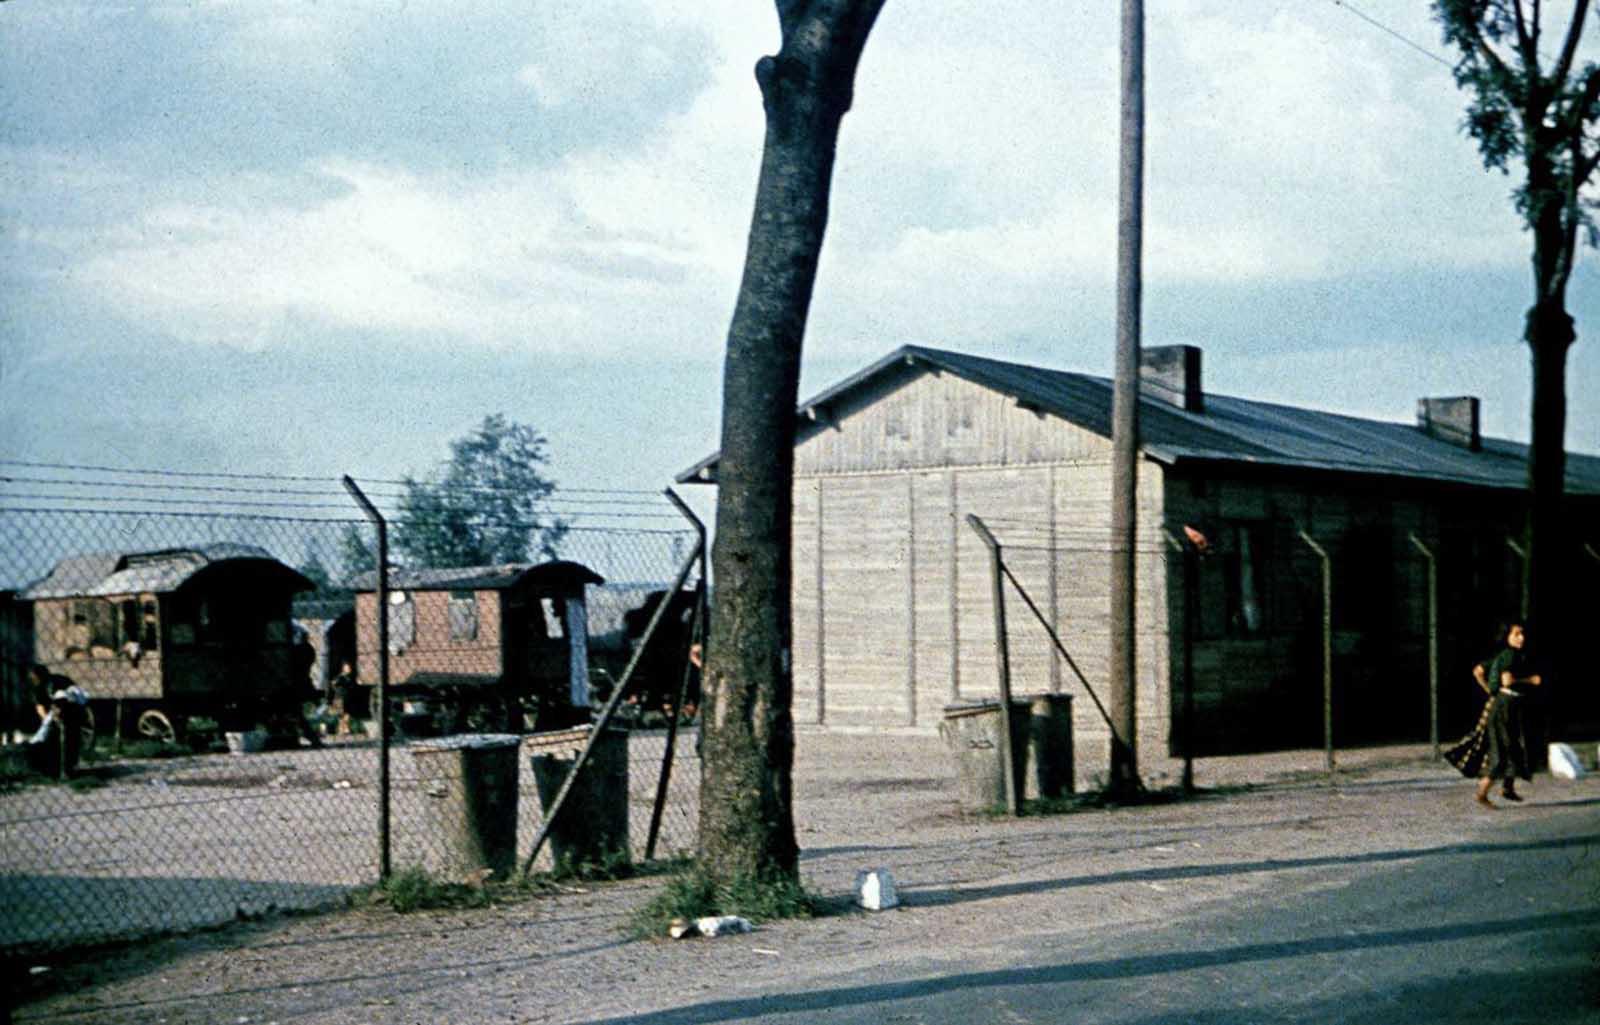 Una mujer corre fuera de un campamento de Sinti al que apunta el Centro de Investigación de Higiene Racial. 1940.